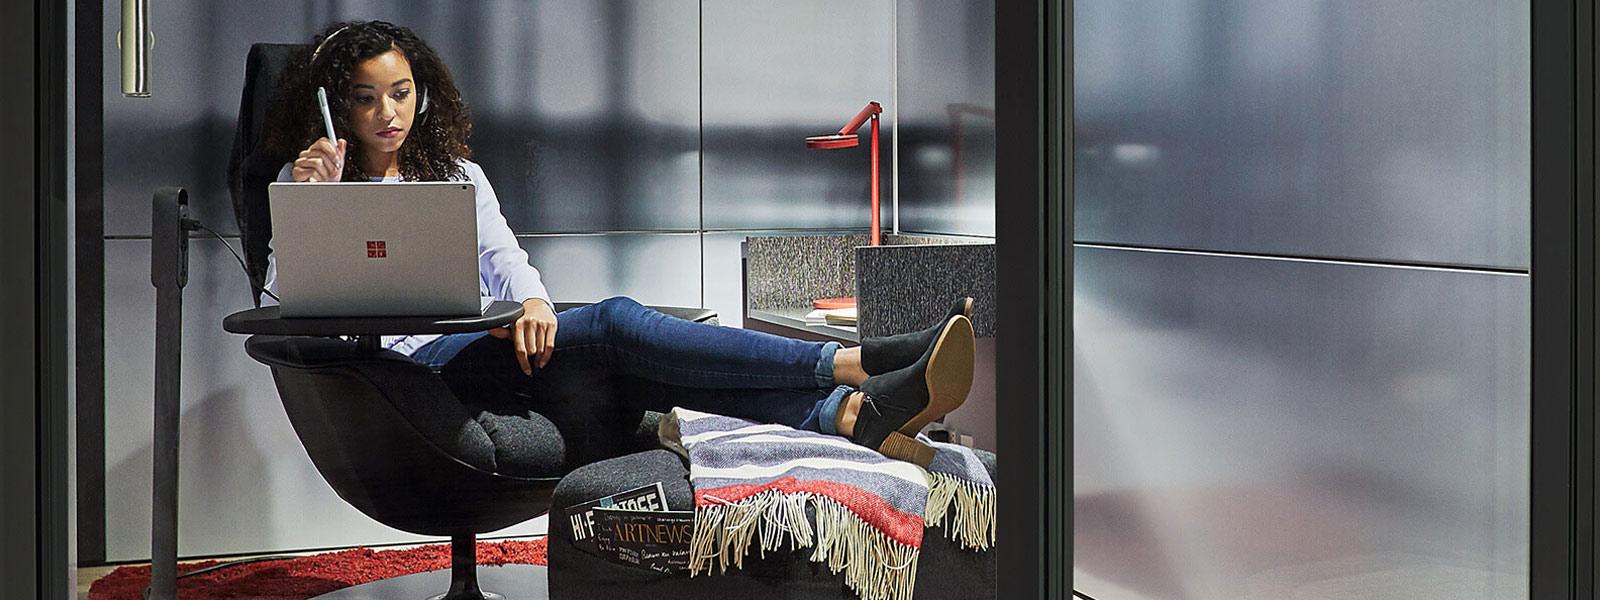 Femme assise dans un espace Steelcase, tenant un stylet Surface et regardant un Surface Book.